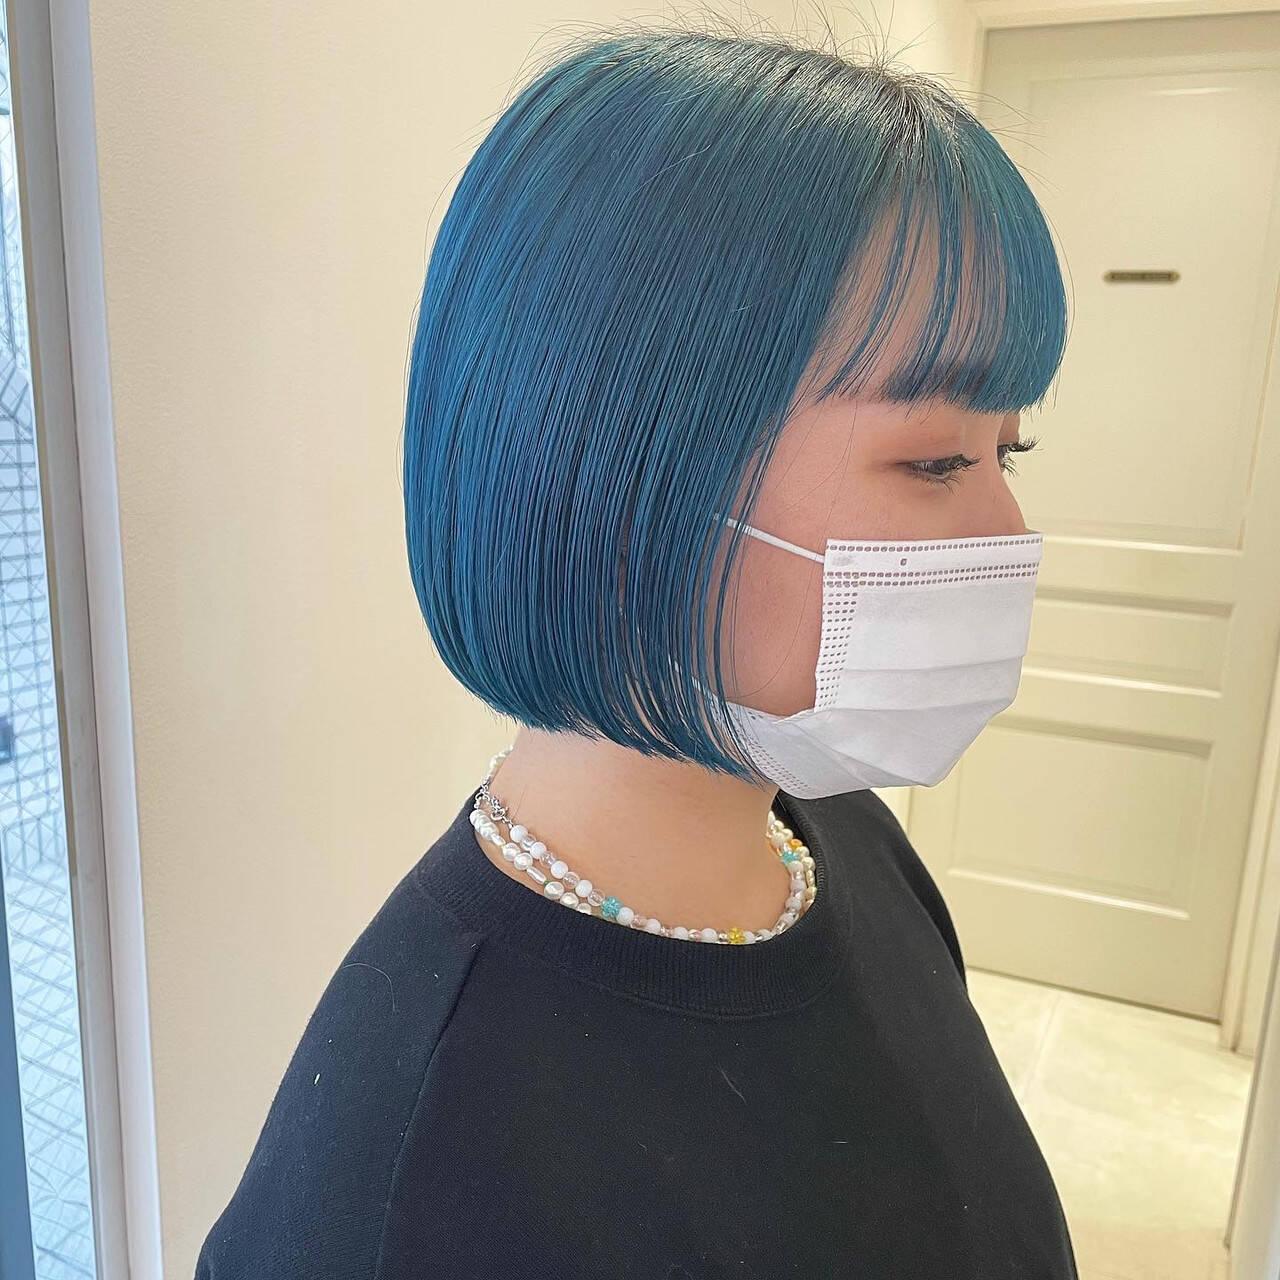 ミニボブ 切りっぱなしボブ ターコイズブルー ナチュラルヘアスタイルや髪型の写真・画像